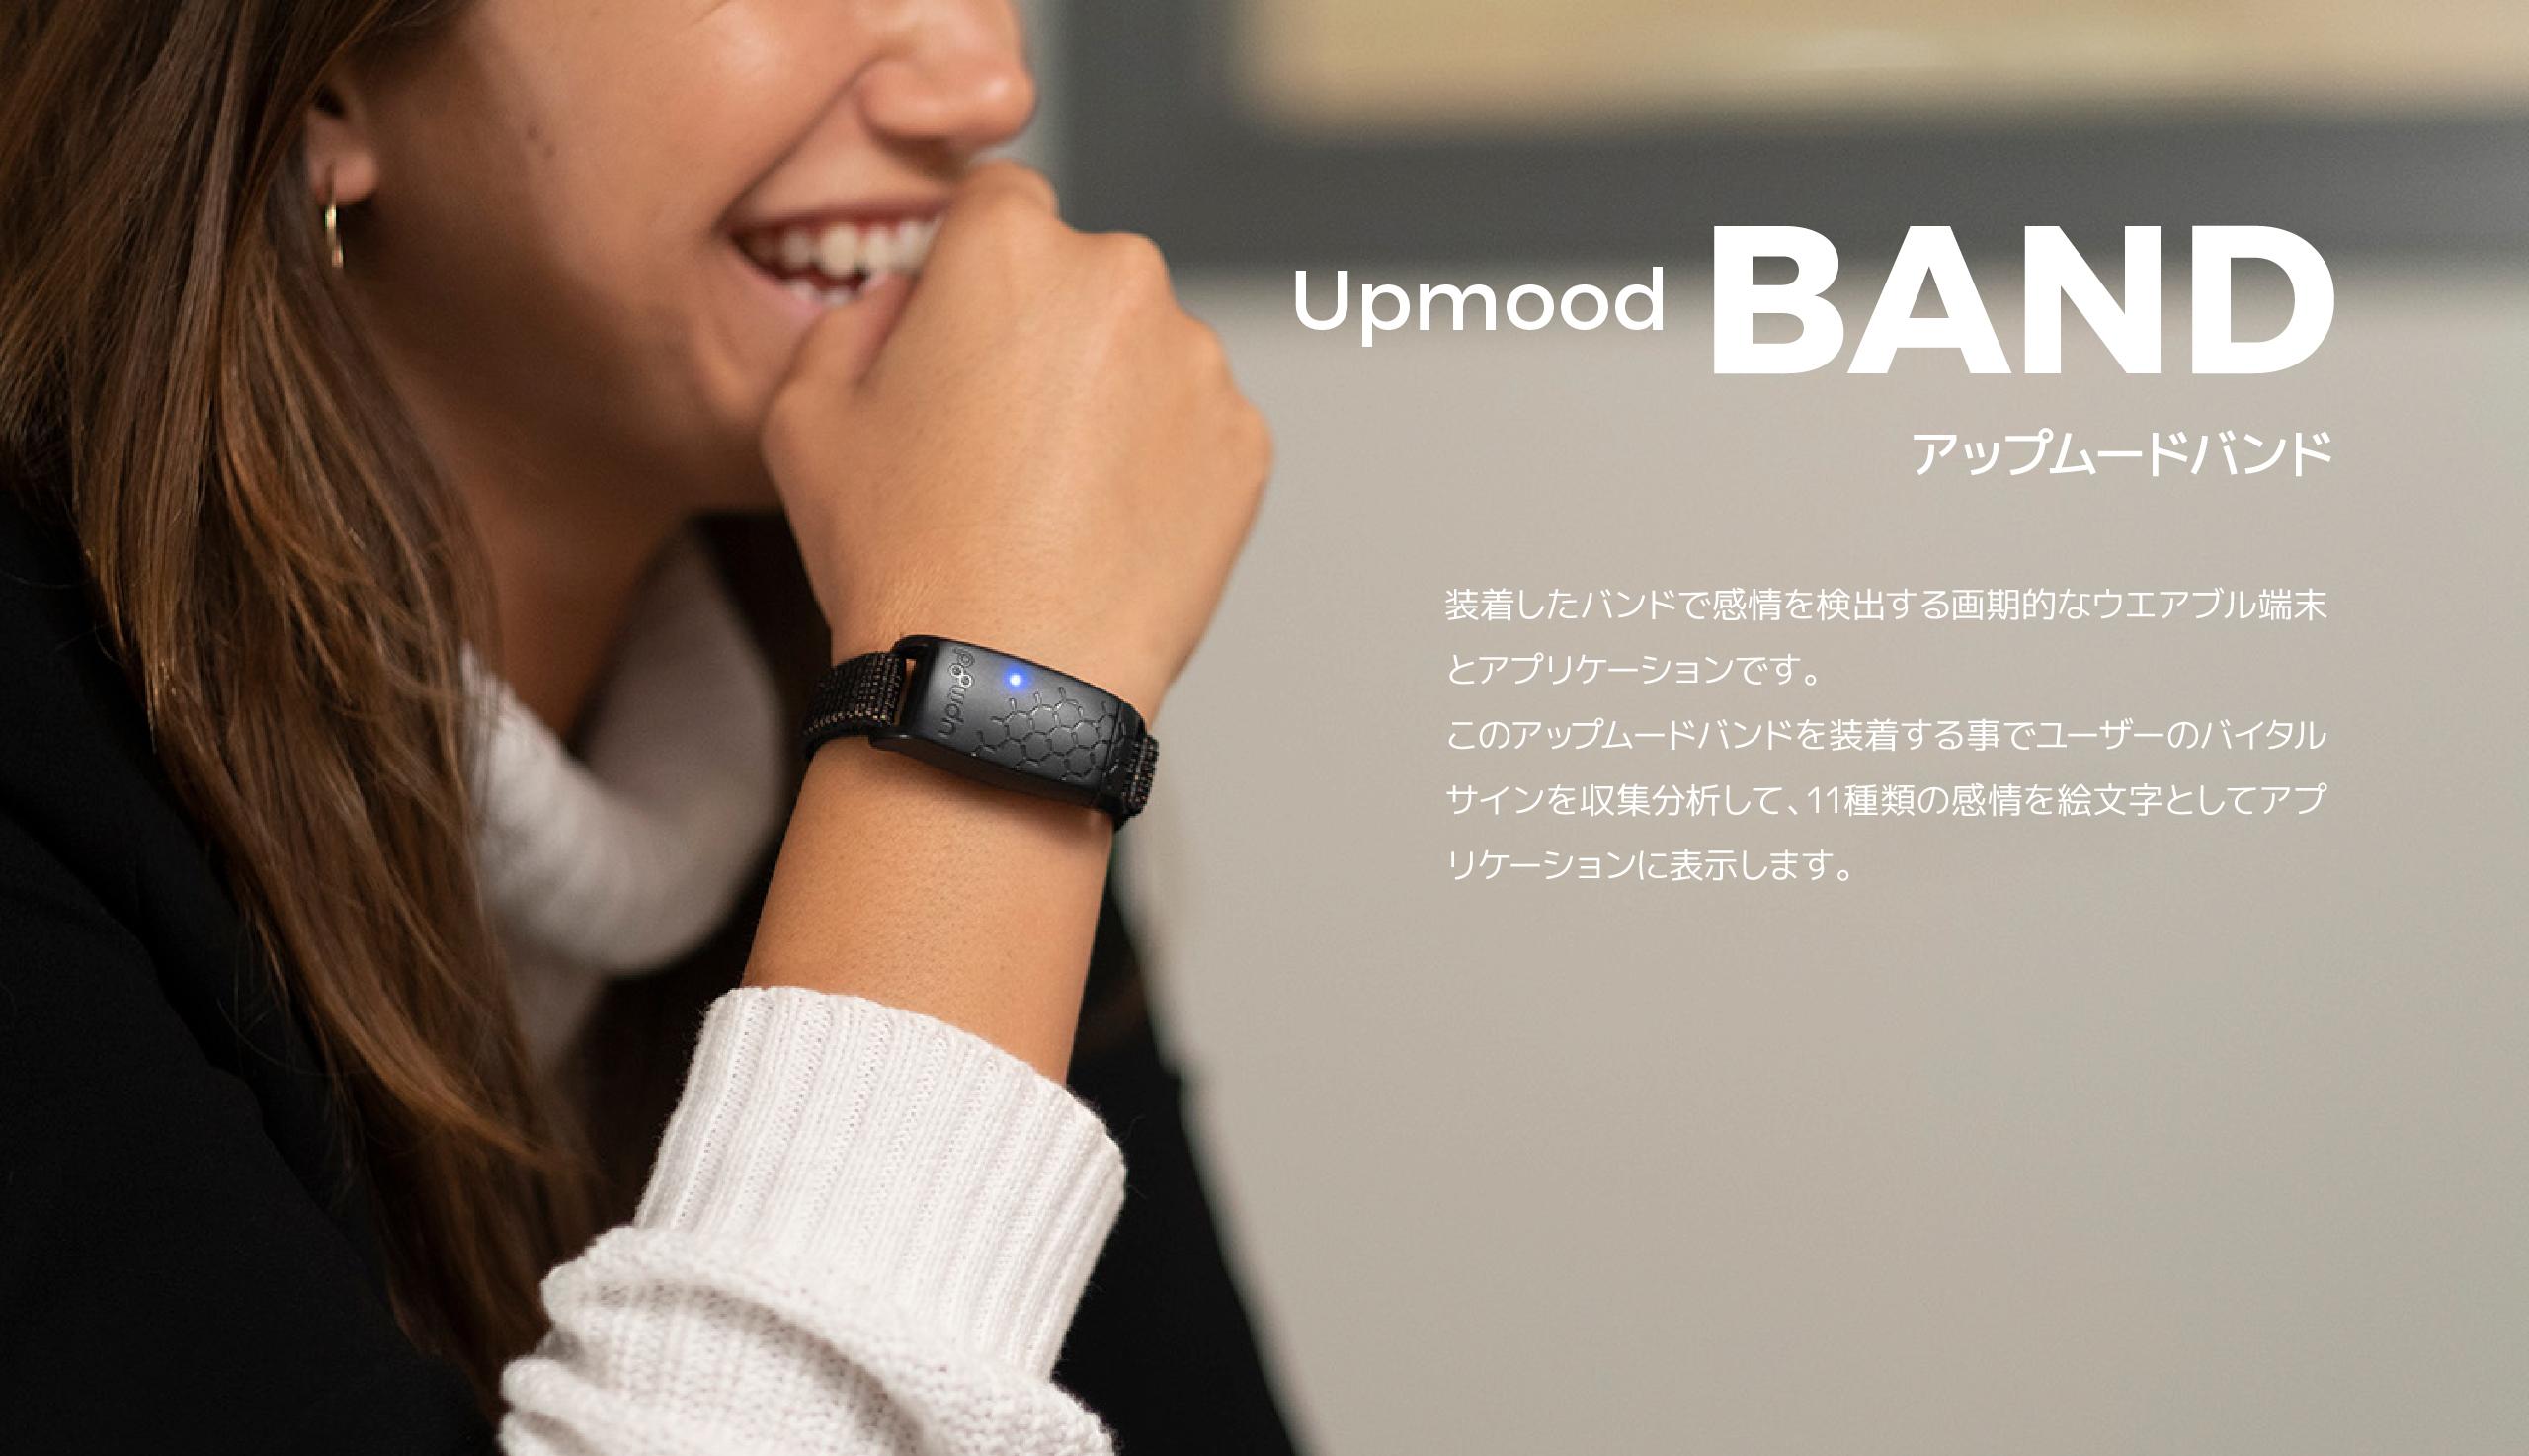 アップムードバンド Upmood BAND